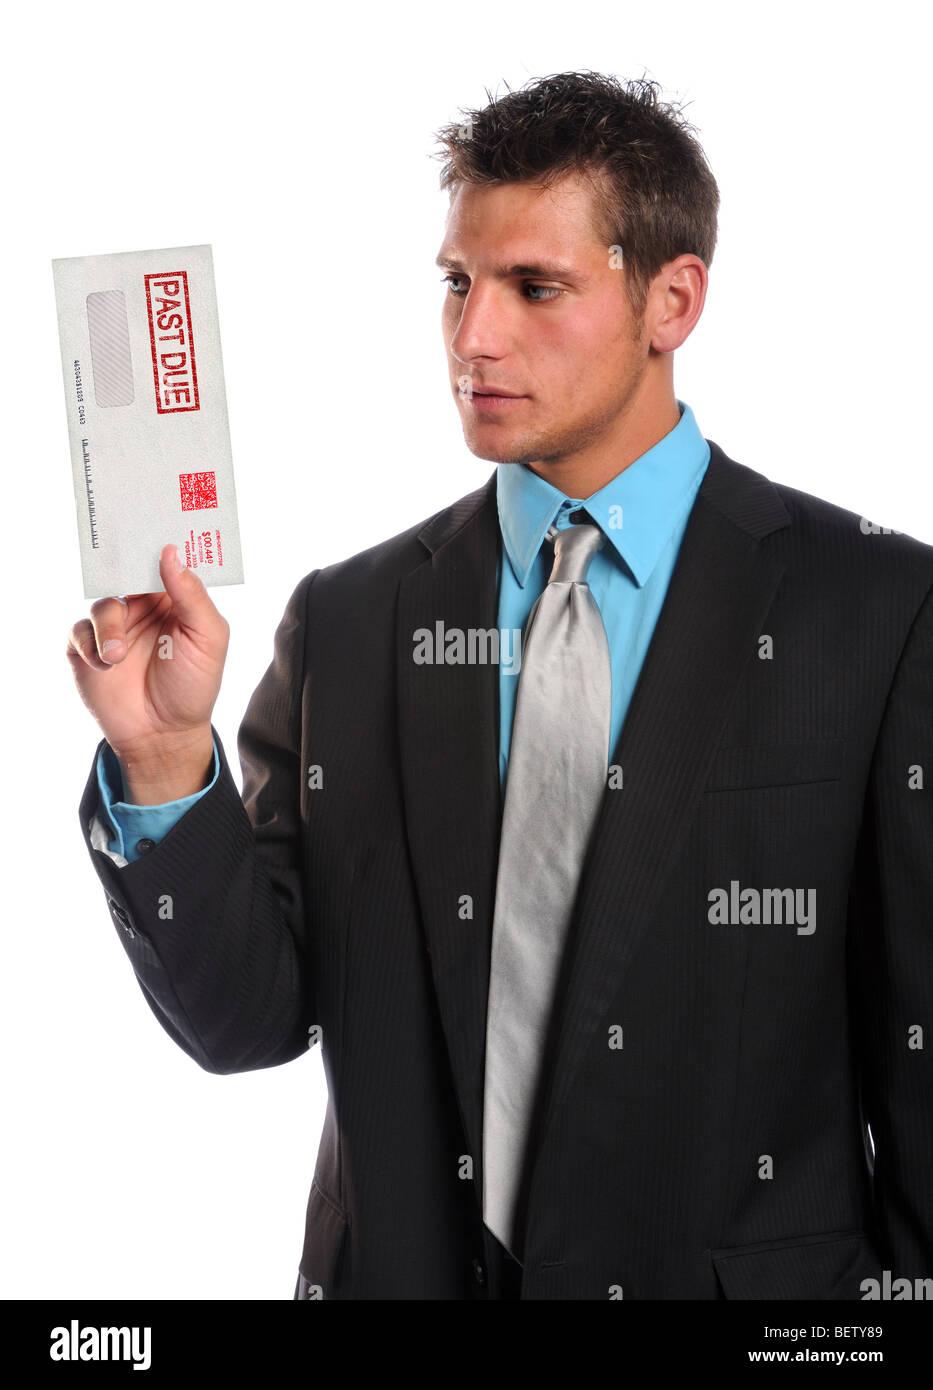 Imprenditore azienda passato a causa busta isolate su sfondo bianco Immagini Stock